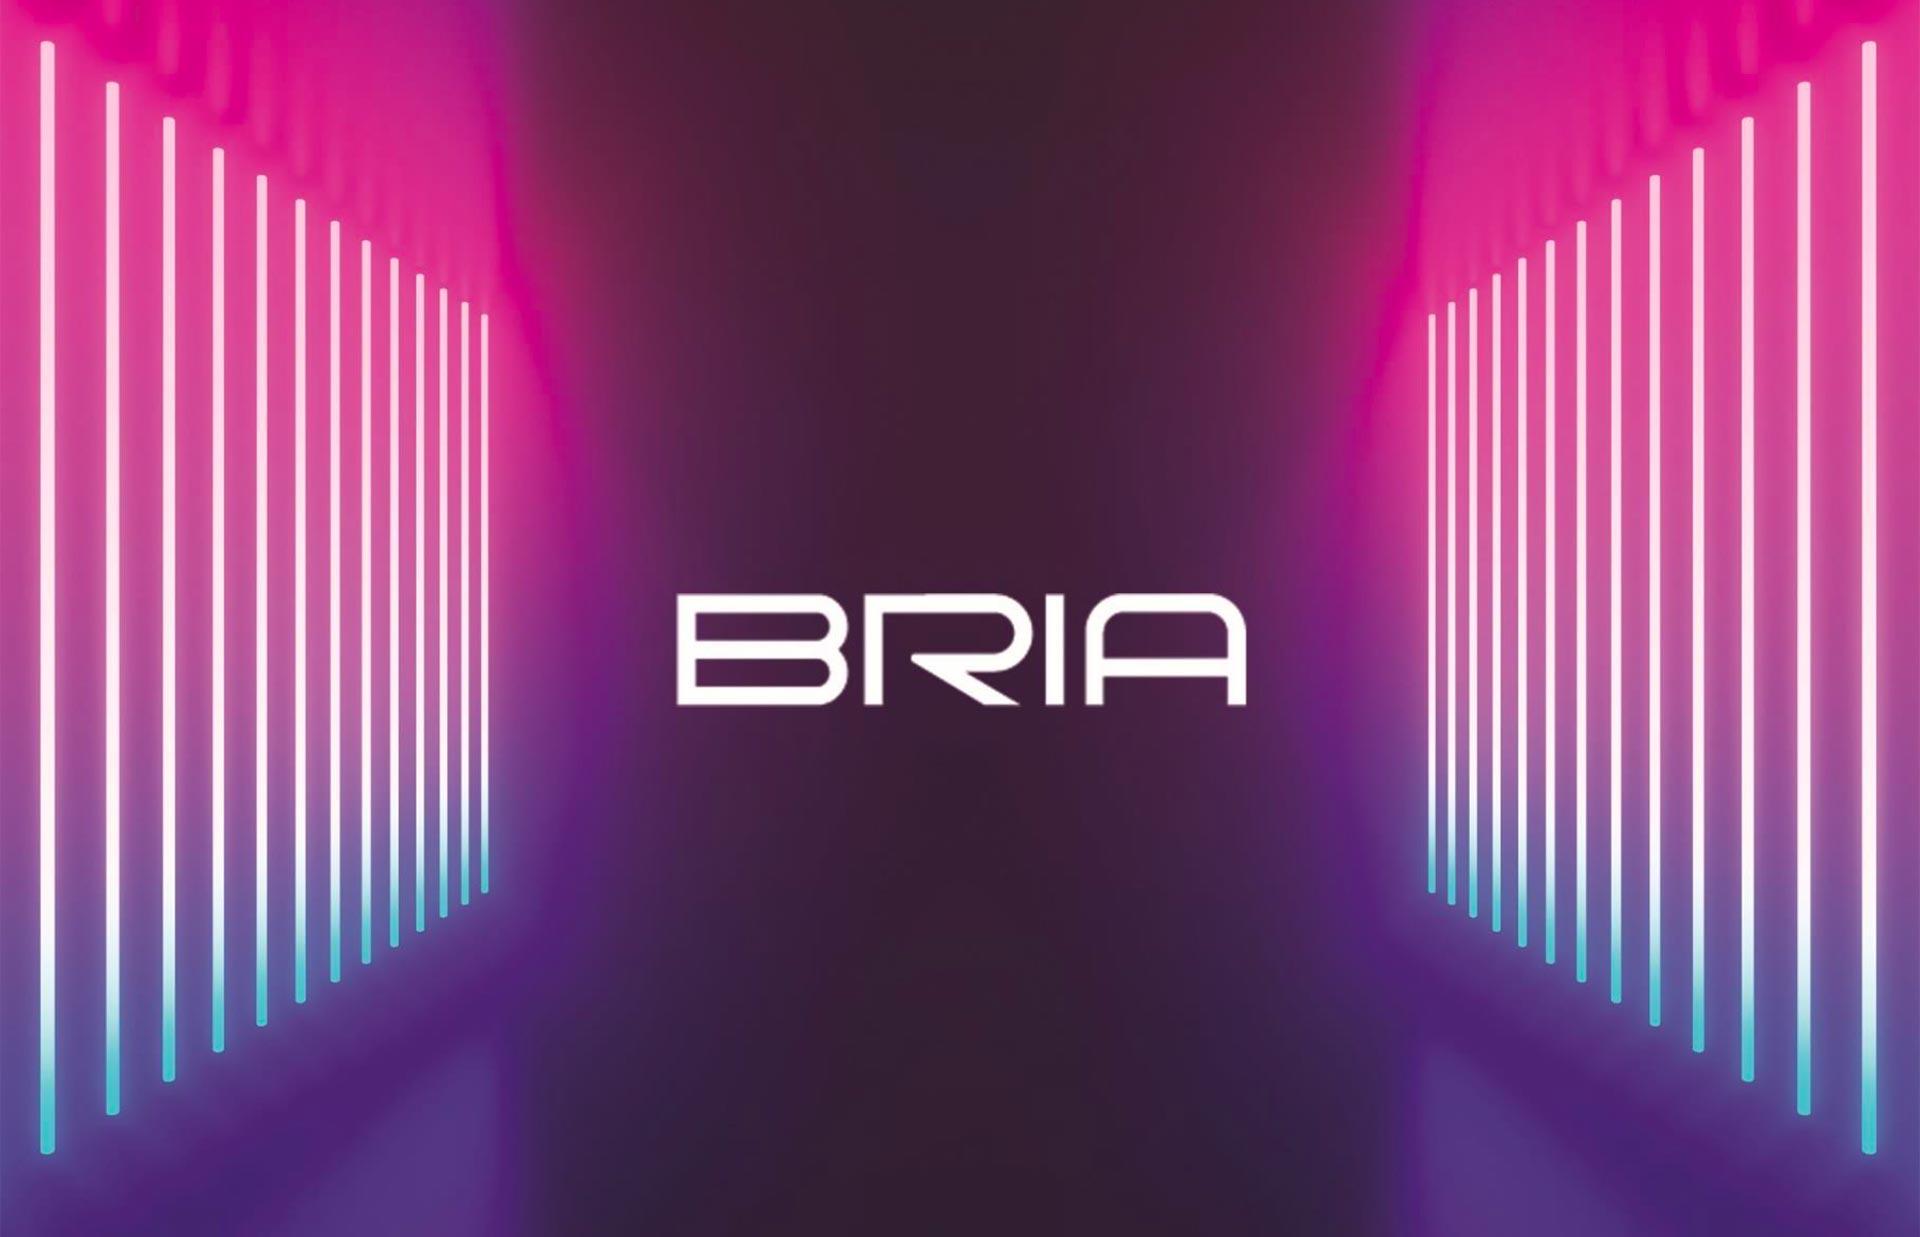 Fond-video-AdLib-Bria-1920x1237